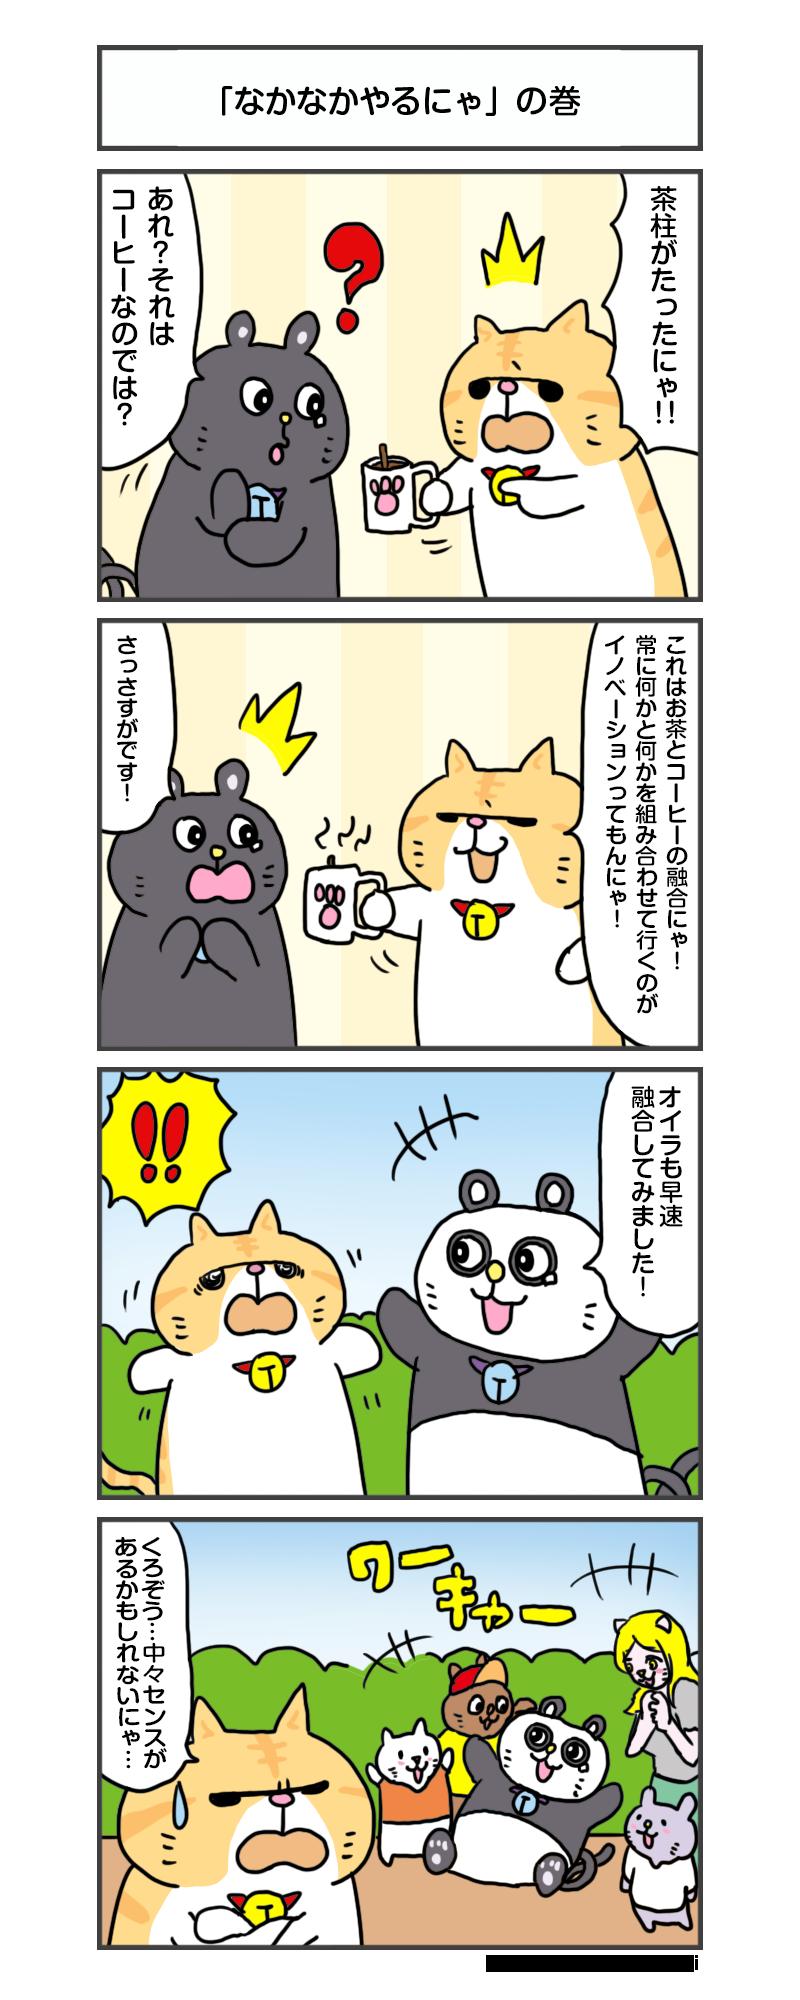 えきぞうmanga_vol.311